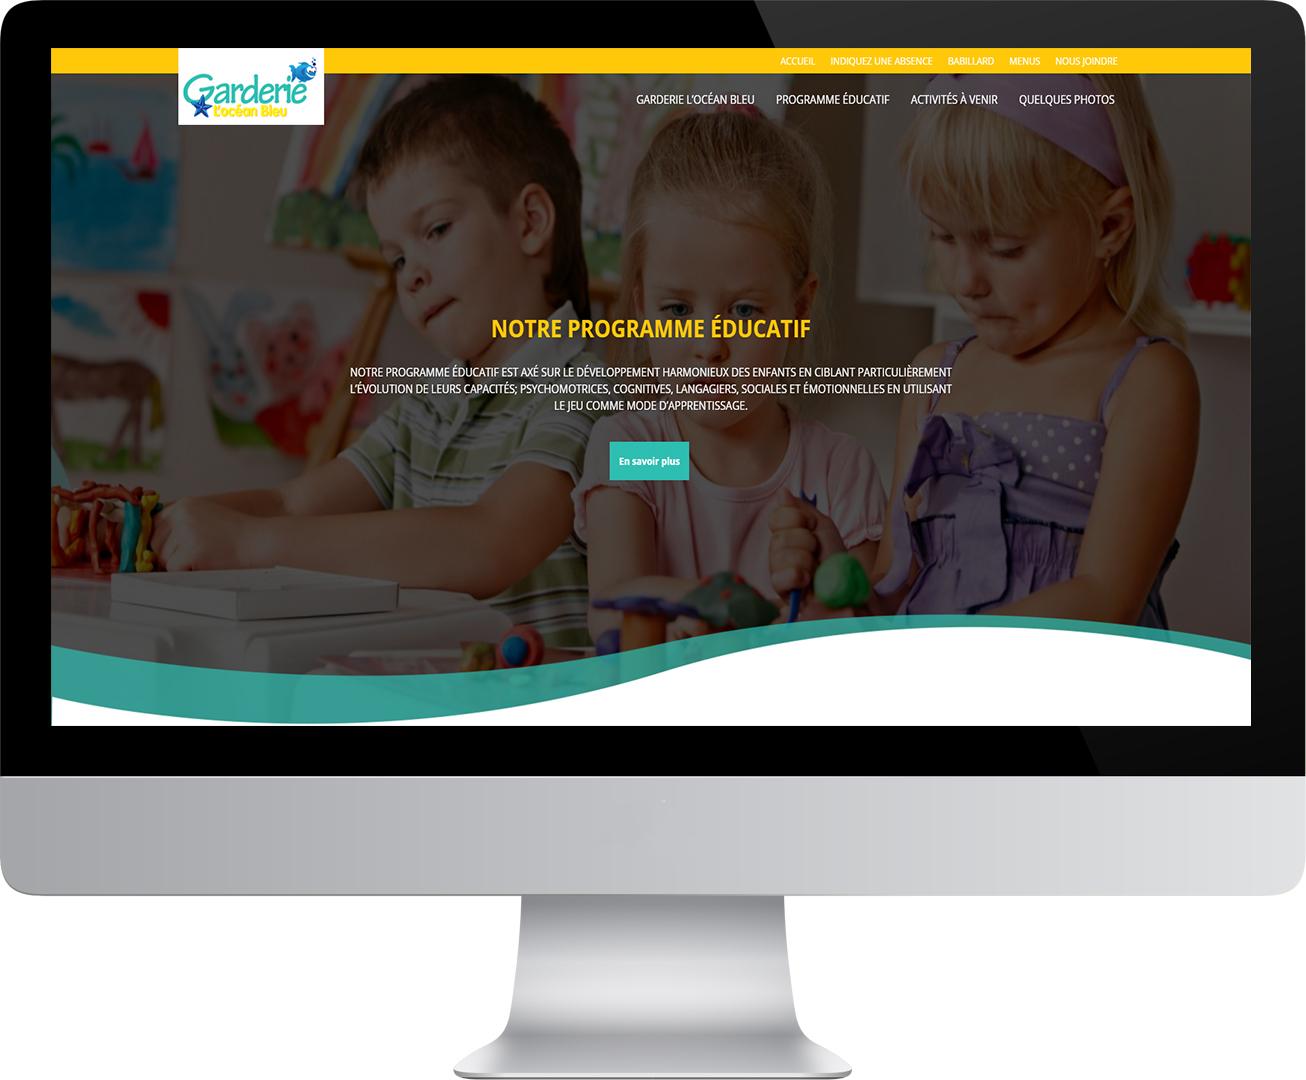 Site Web de la Garderie de l'OCéan bleu dans un gros écran d'ordinateur